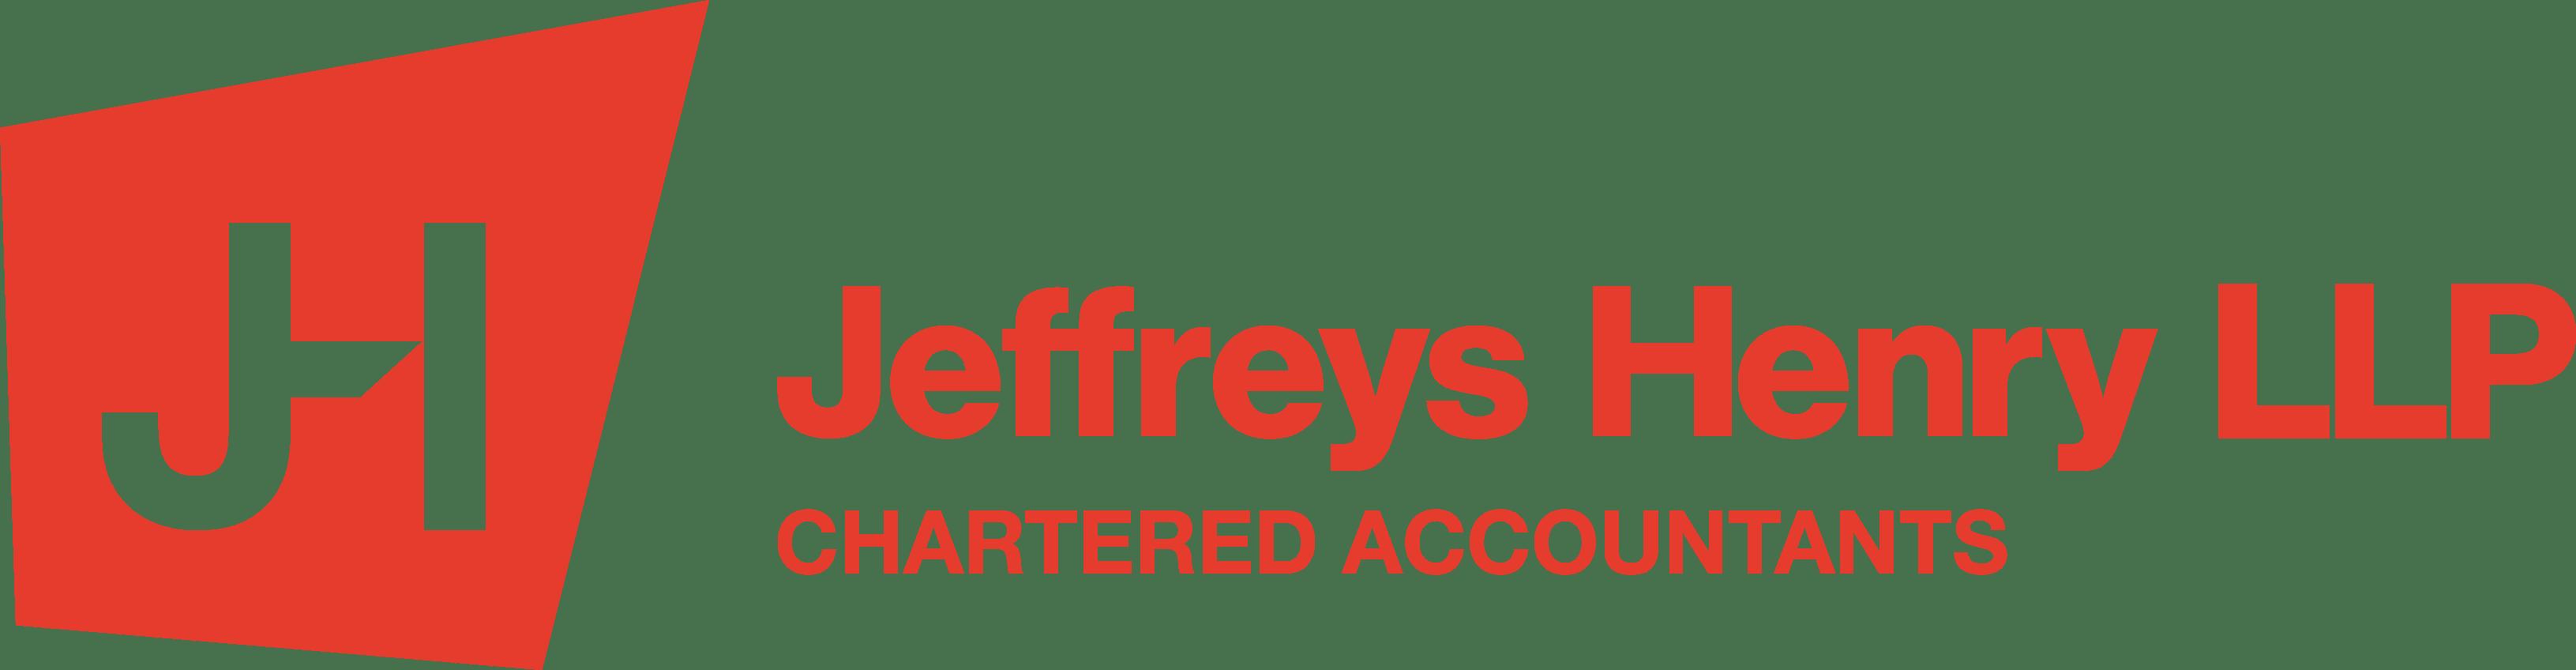 Jeffreys Henry company logo